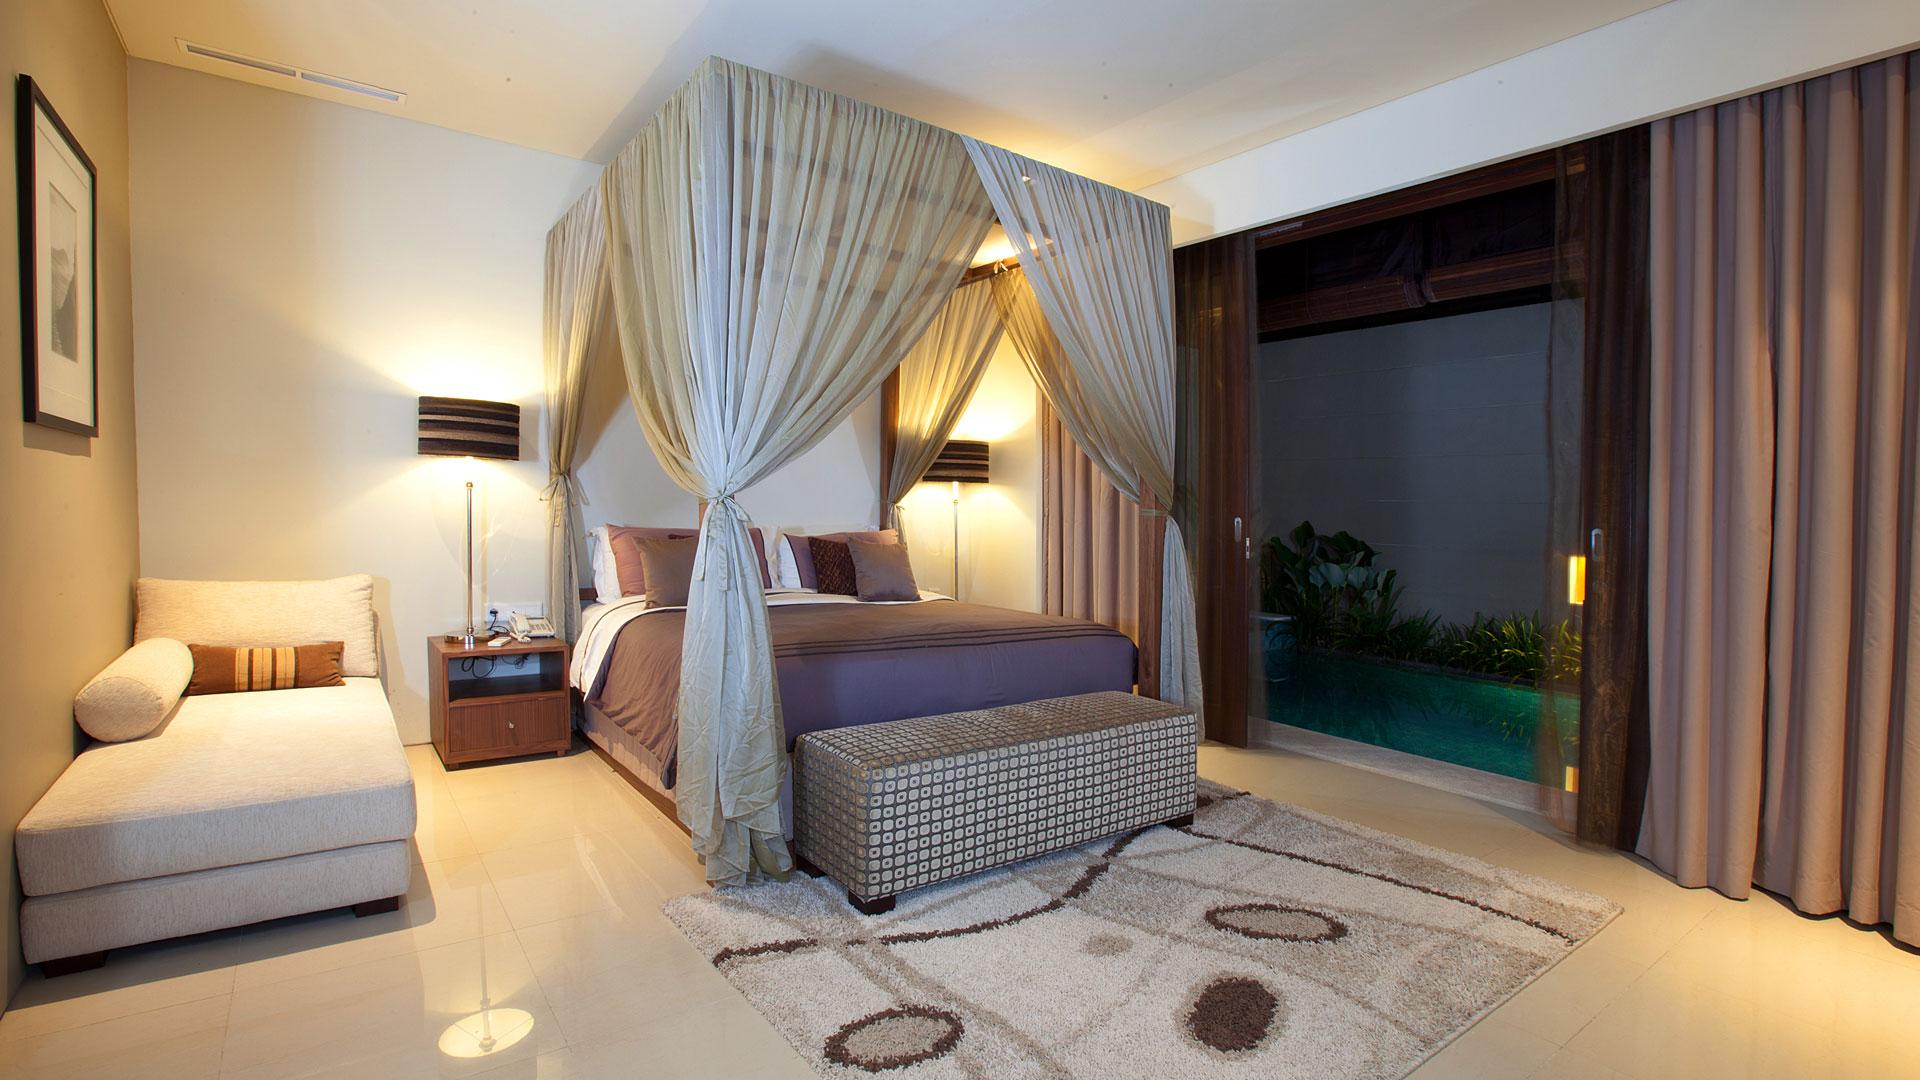 Deluxe One Bedroom Pool Villa in Seminyak